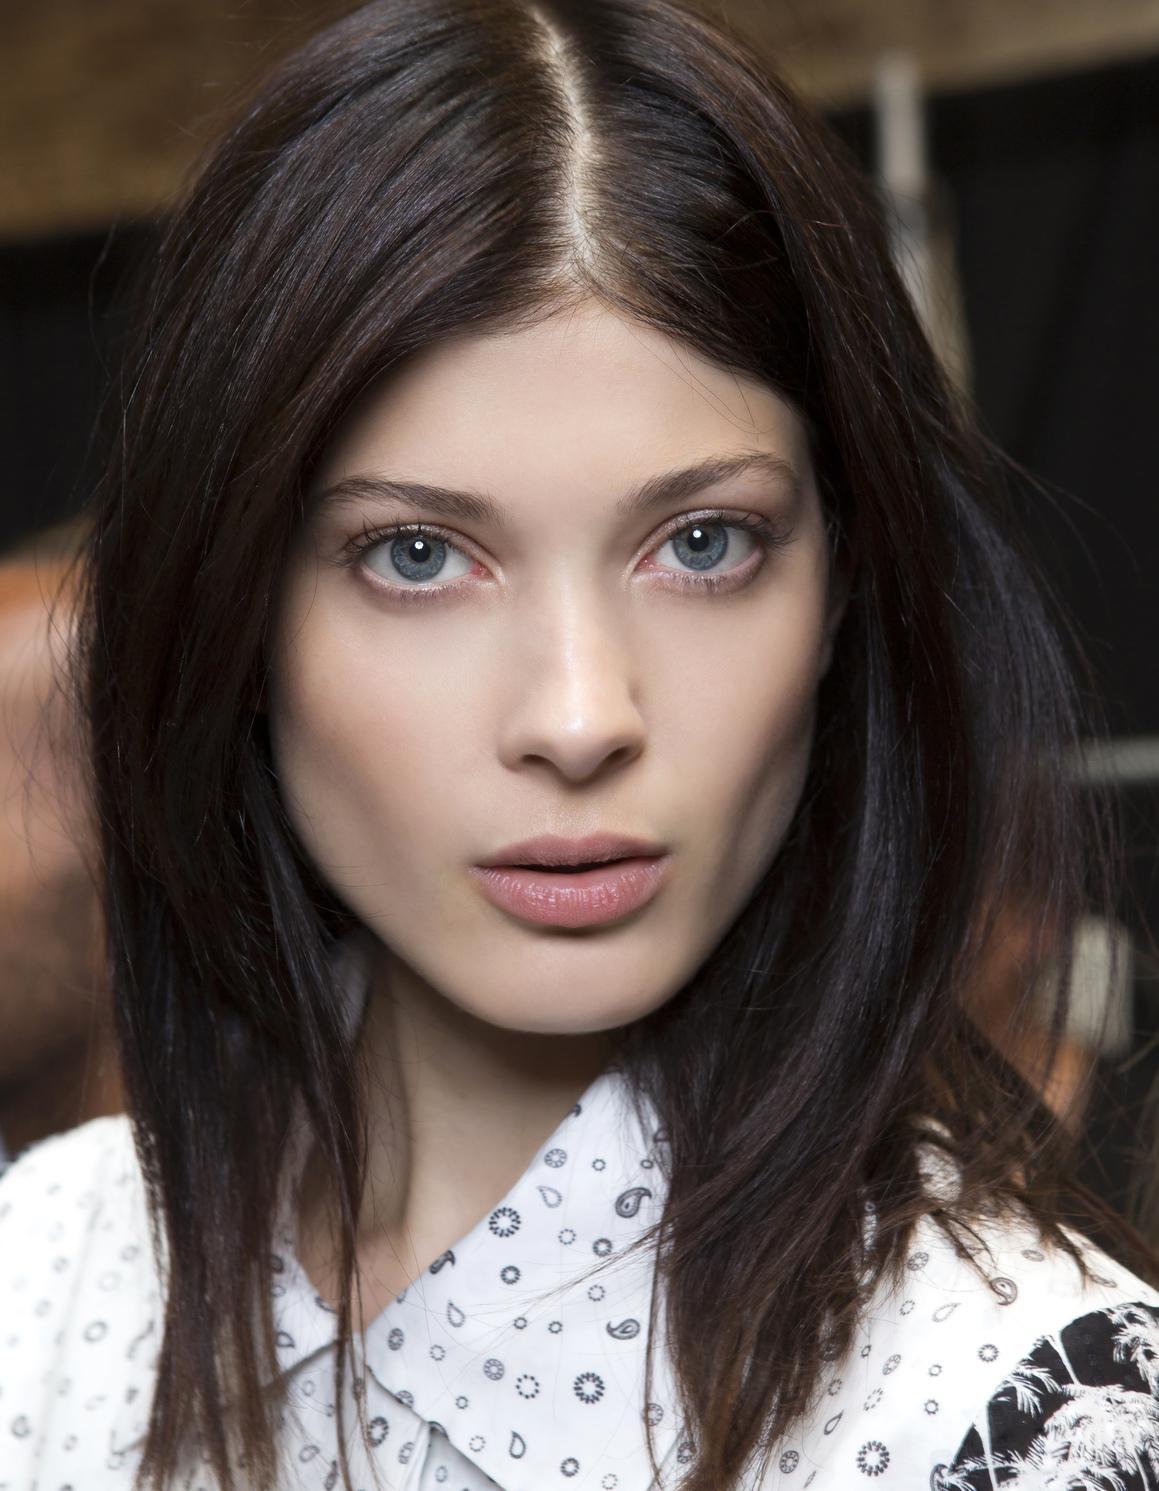 Coloration Ton Sur Ton La Methode Douce Pour Teindre Ses Cheveux